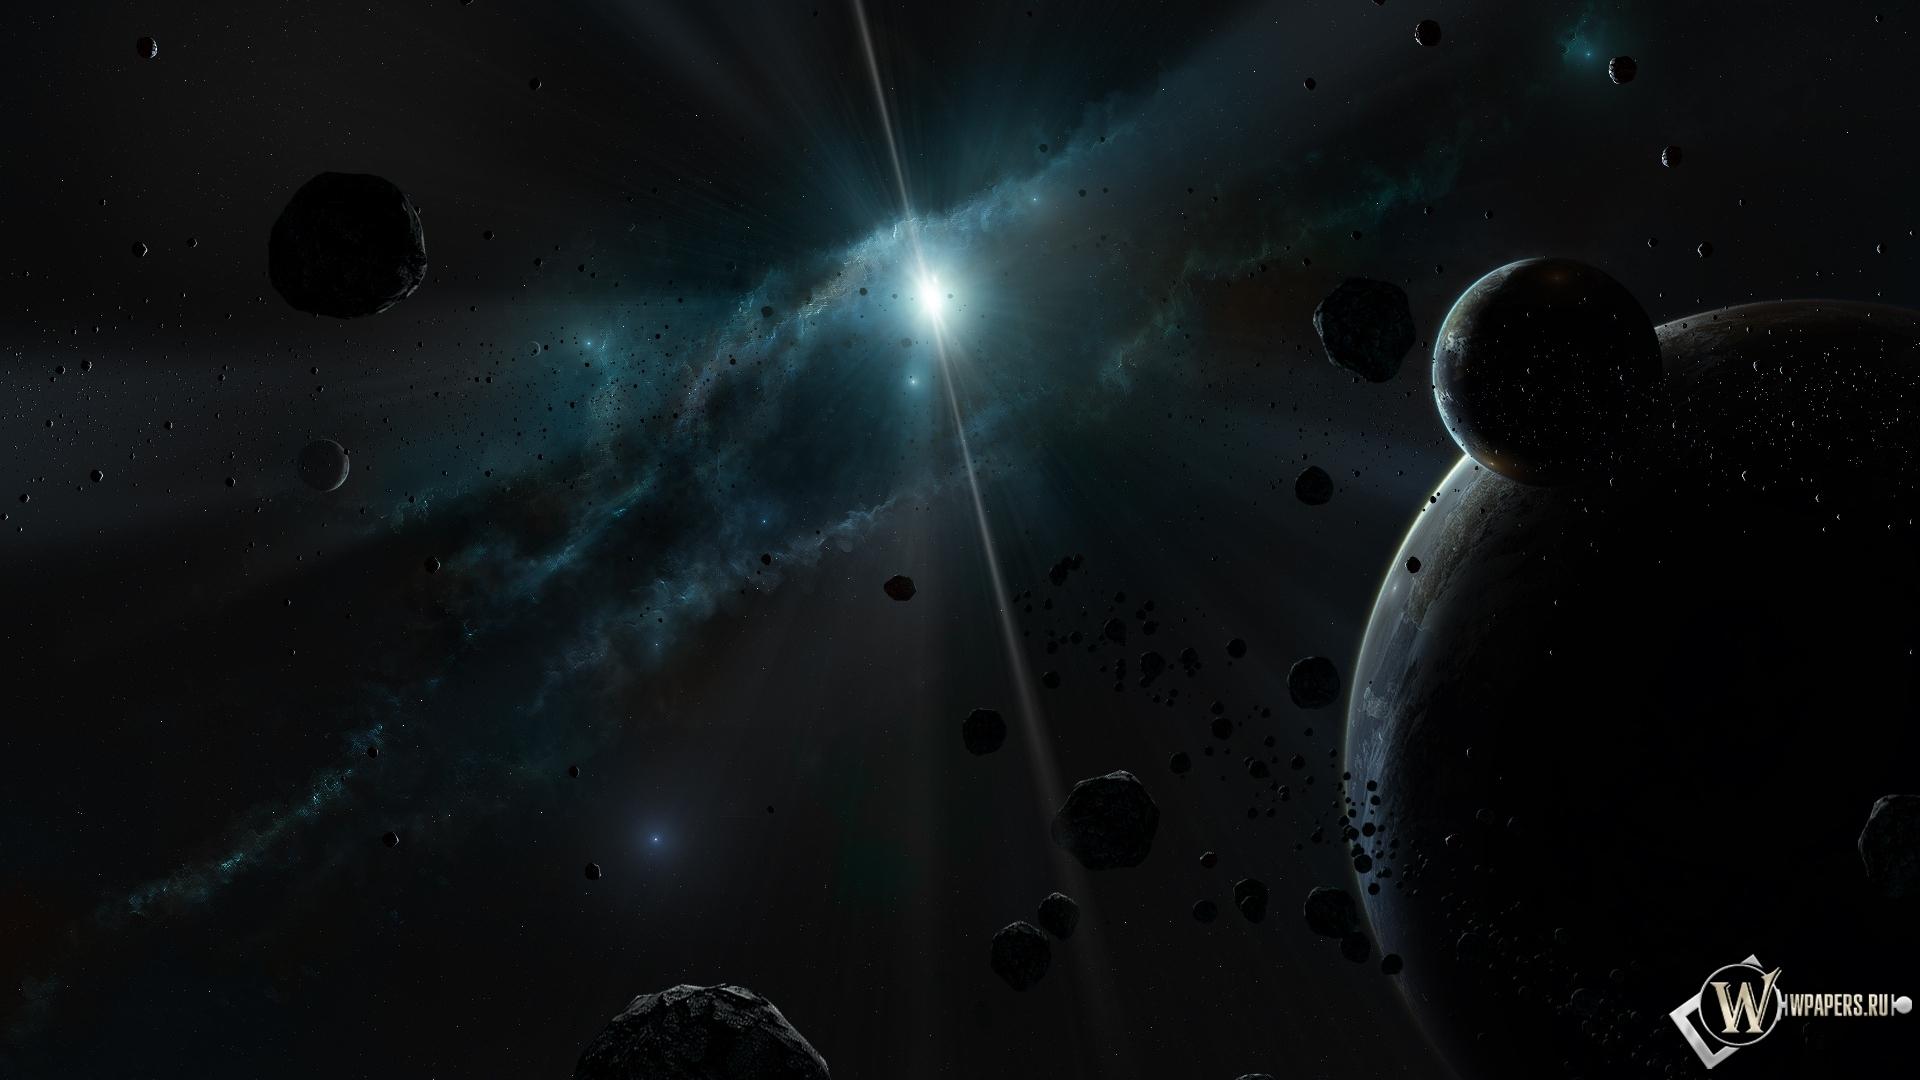 Обои тёмный космос свет космос